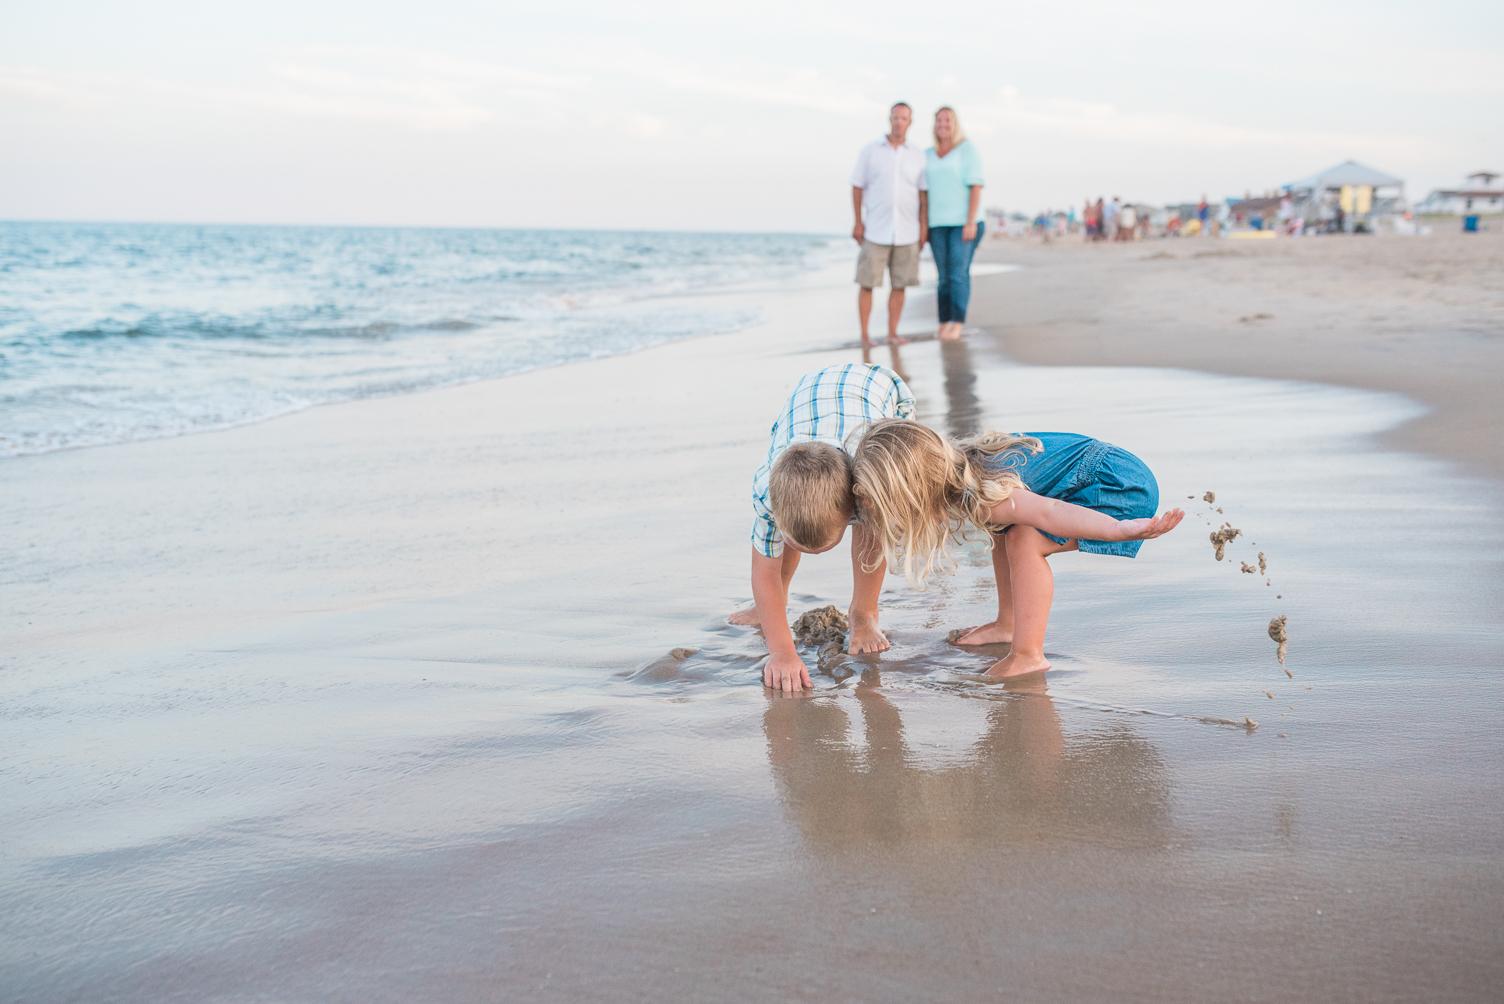 Maryland-Delaware-Beach-Photographer-Breanna-Kuhlmann-10.jpg